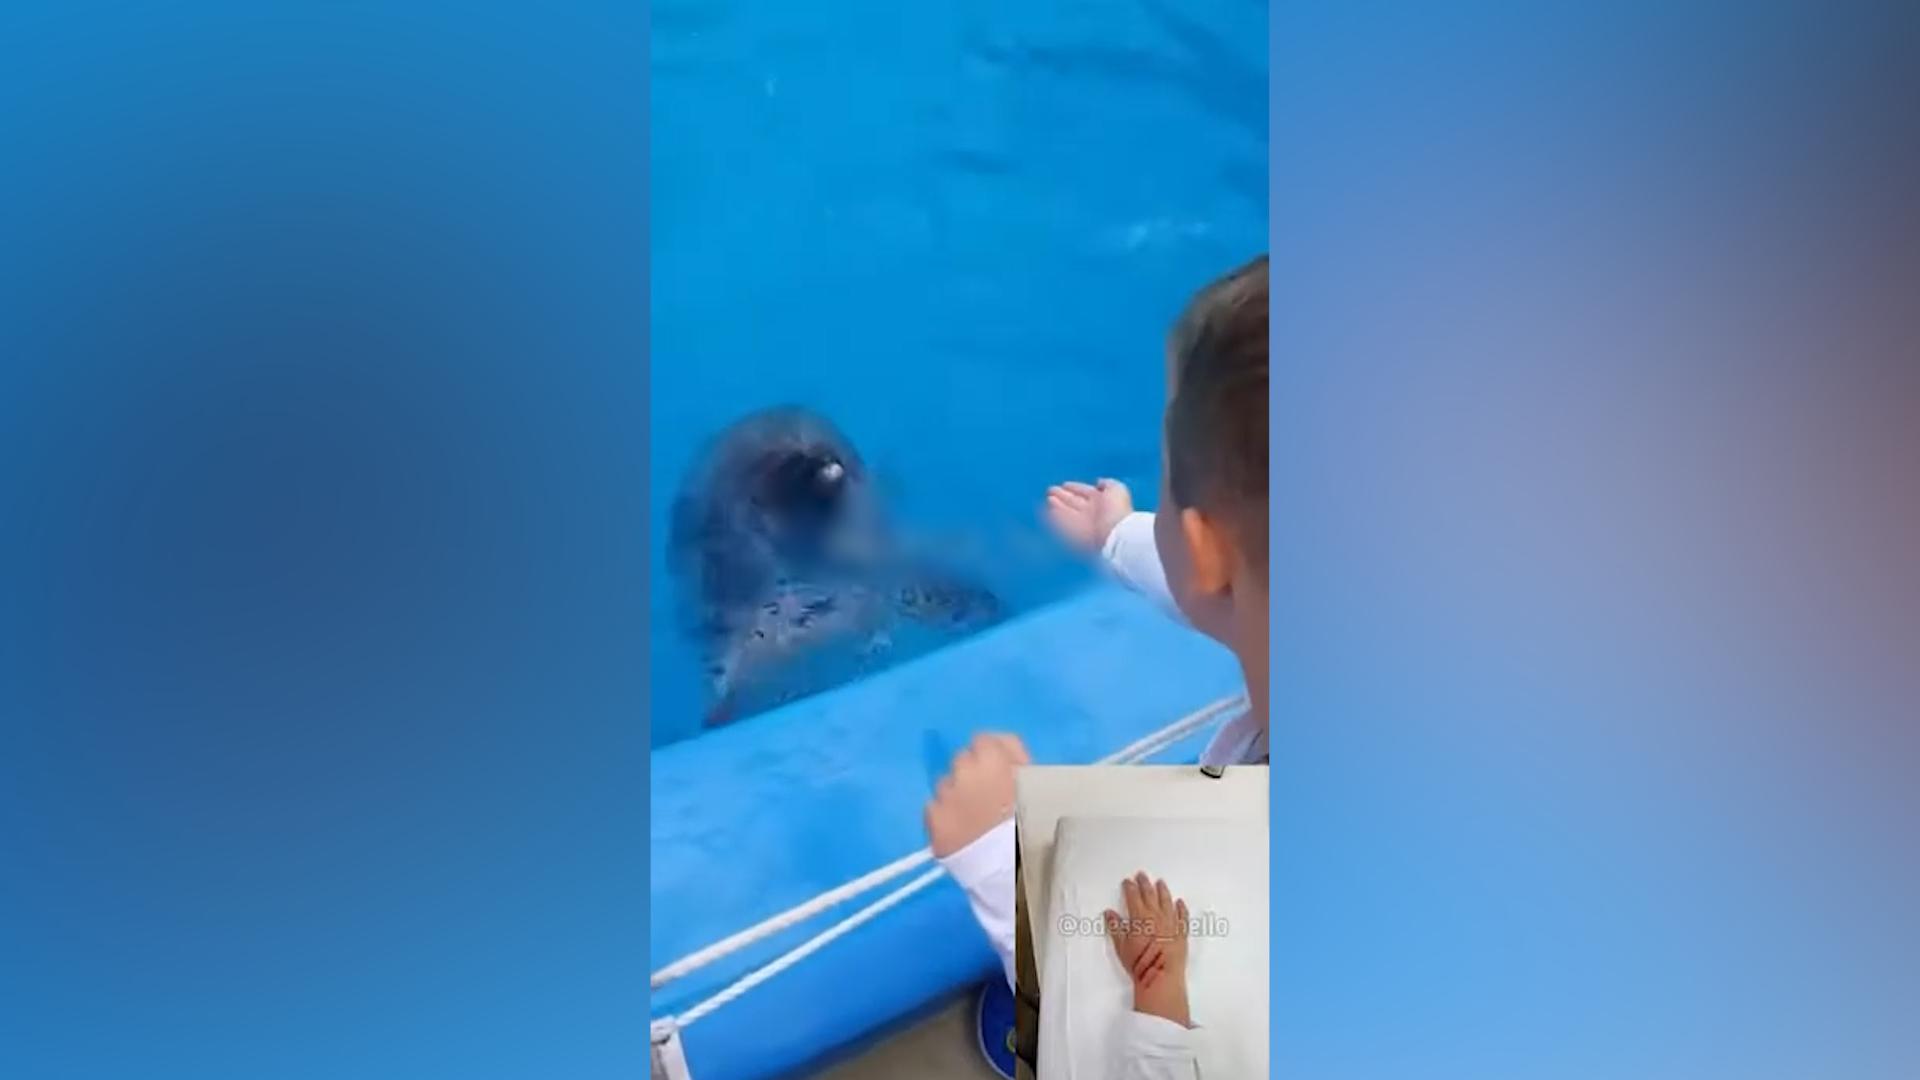 В Одессе дельфин укусил ребёнка за руку, но в Сети винят только его маму, которая снимала на камеру